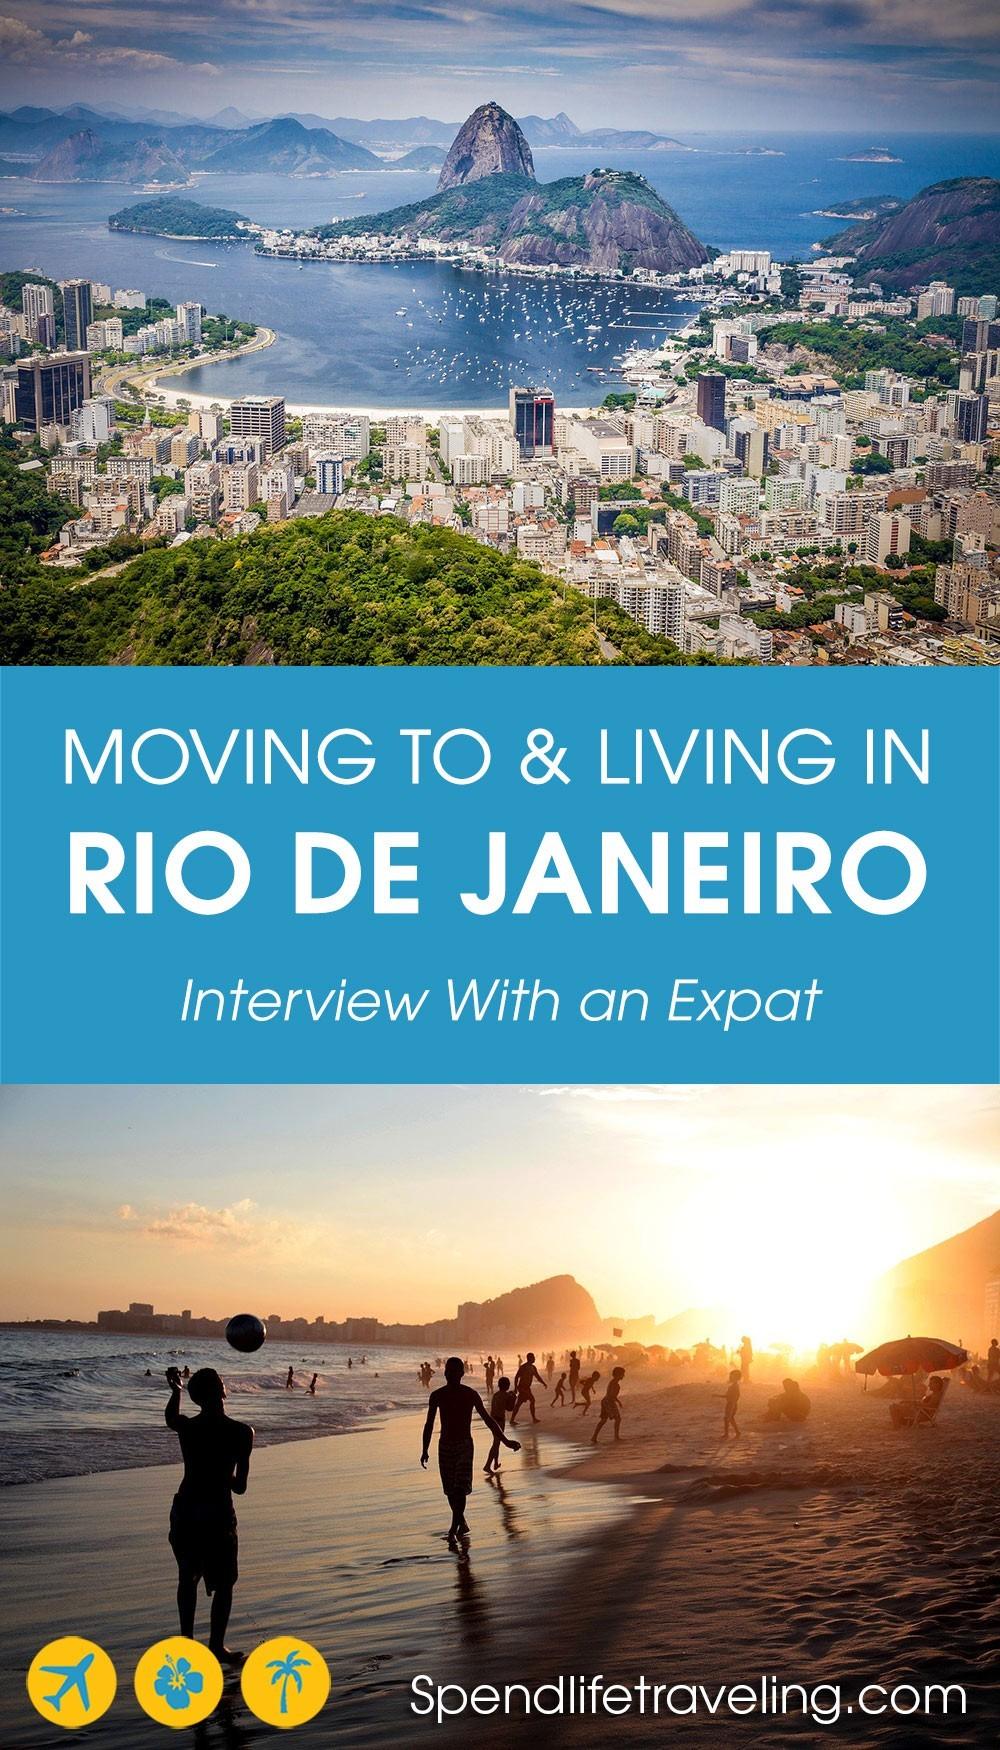 life in Rio de Janeiro as an expat